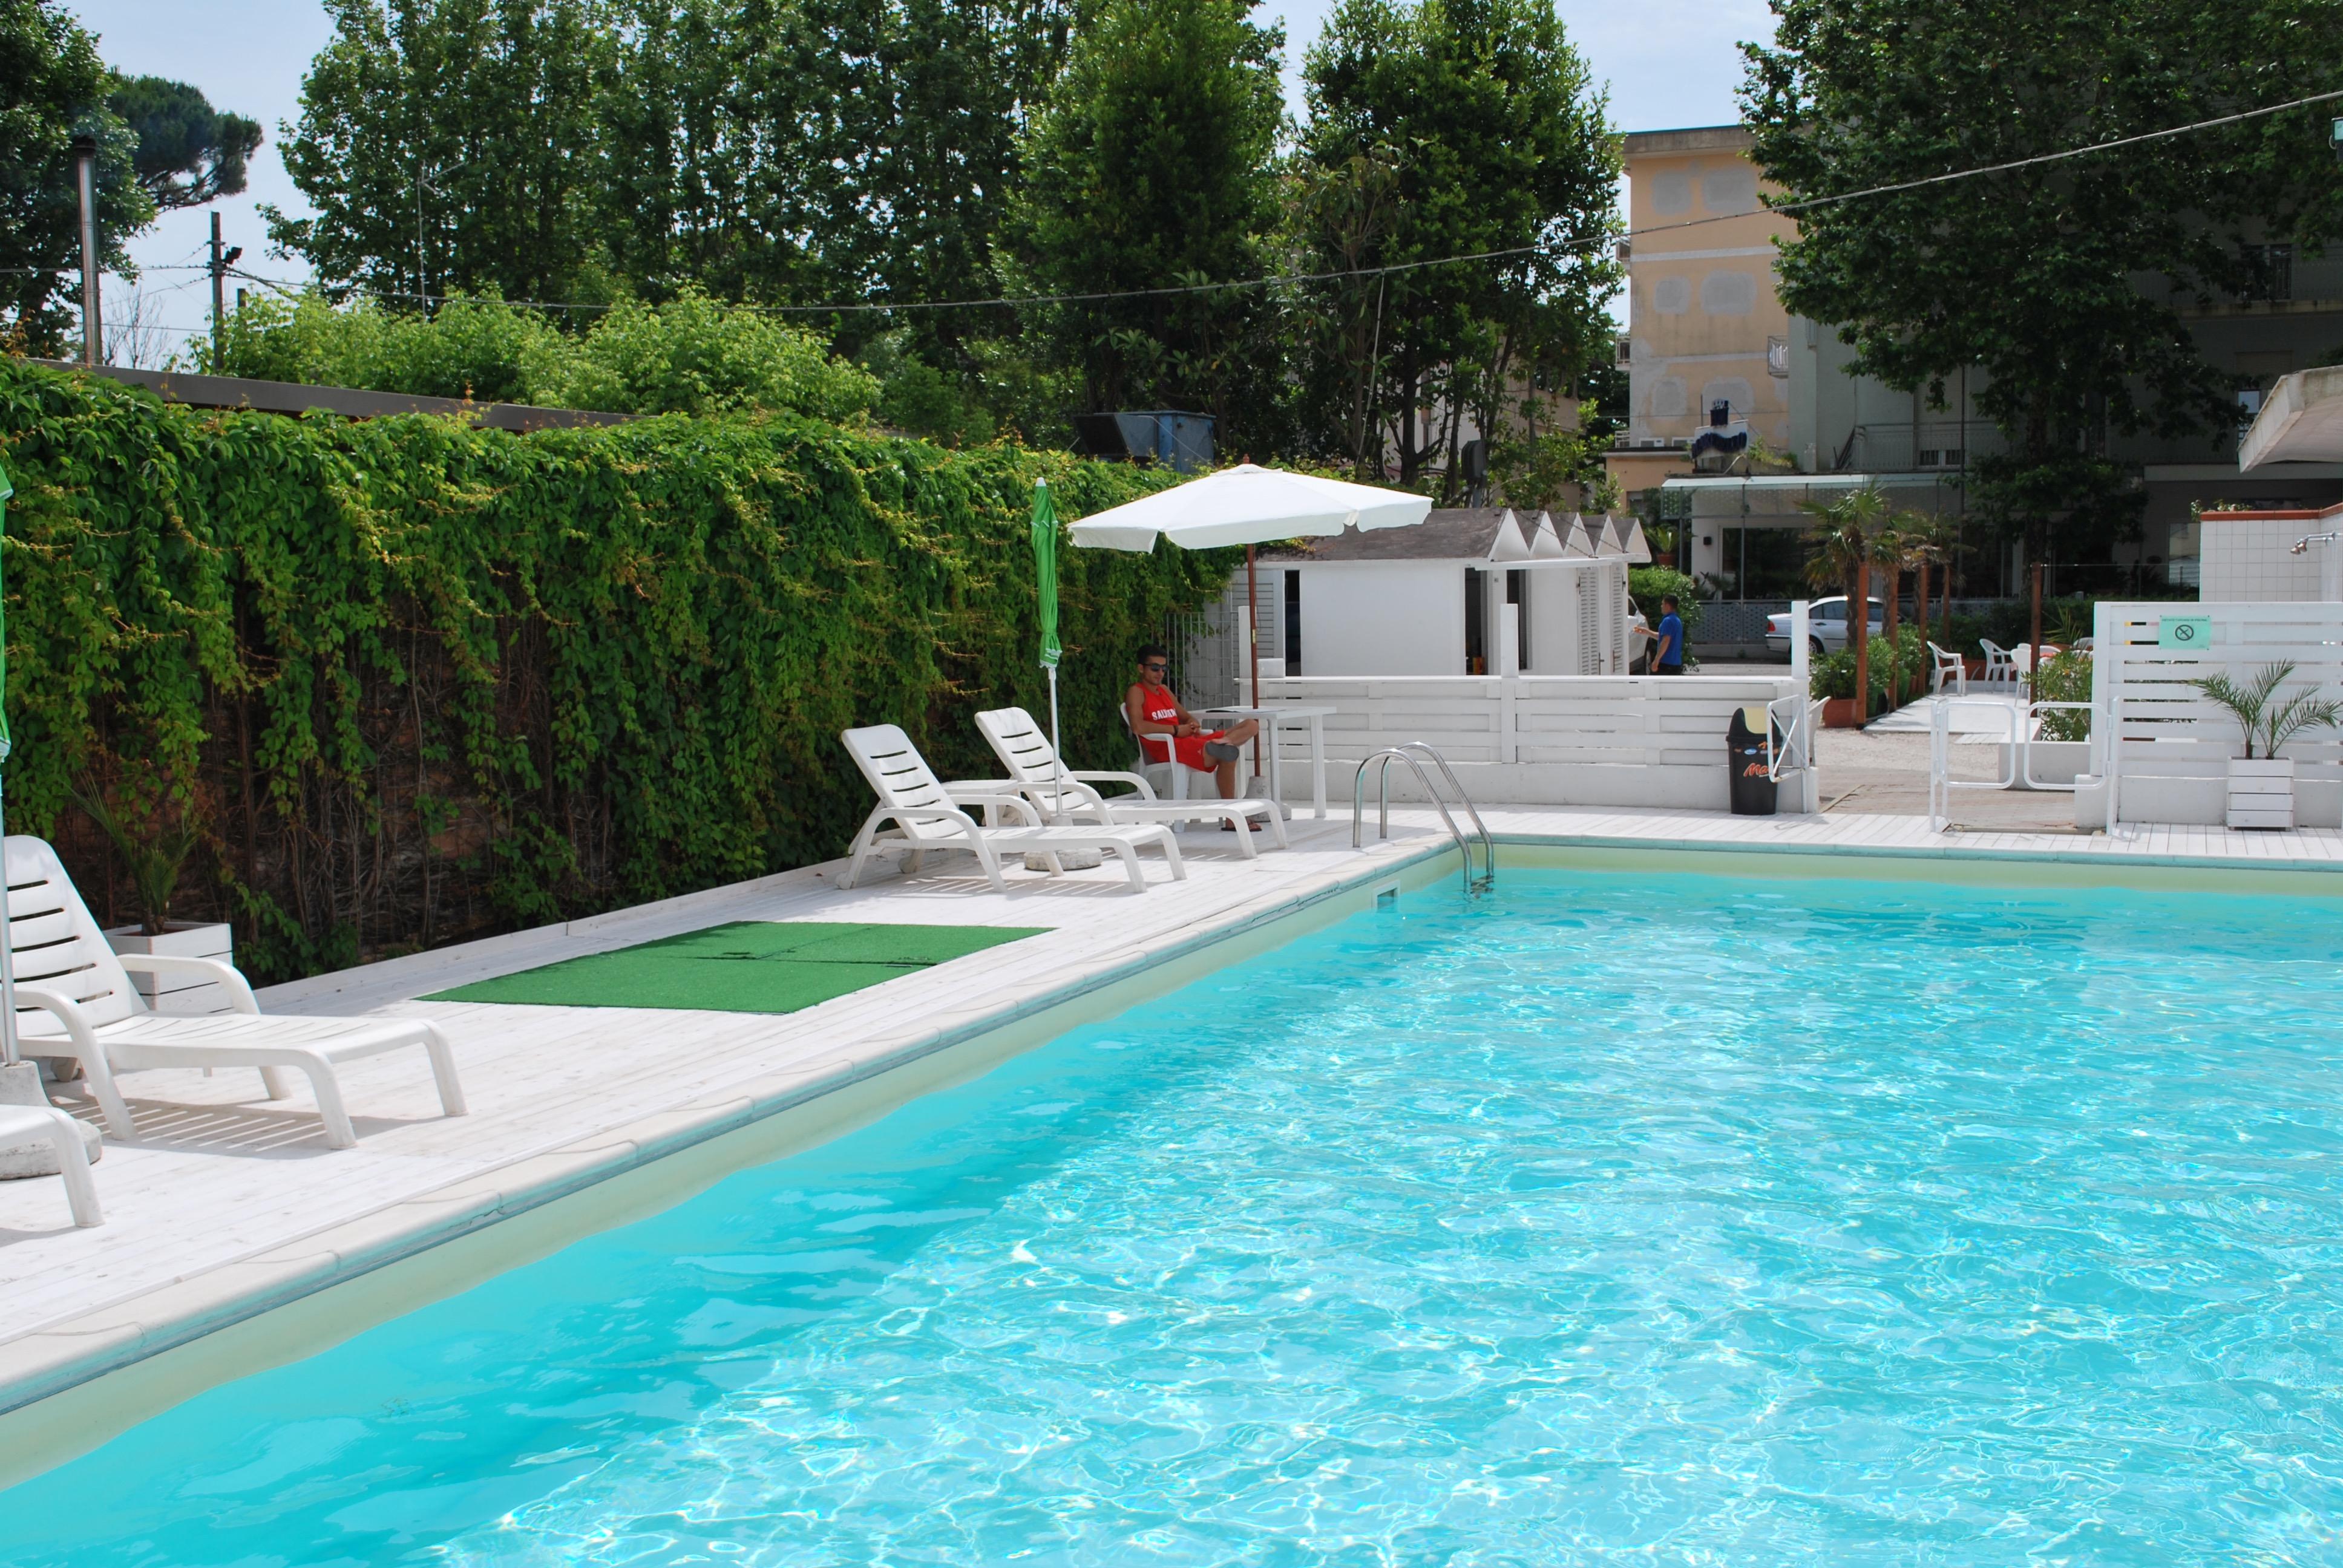 Hotel piscina rimini albergo con piscina e zona solarium - Bagno 46 rimini ...